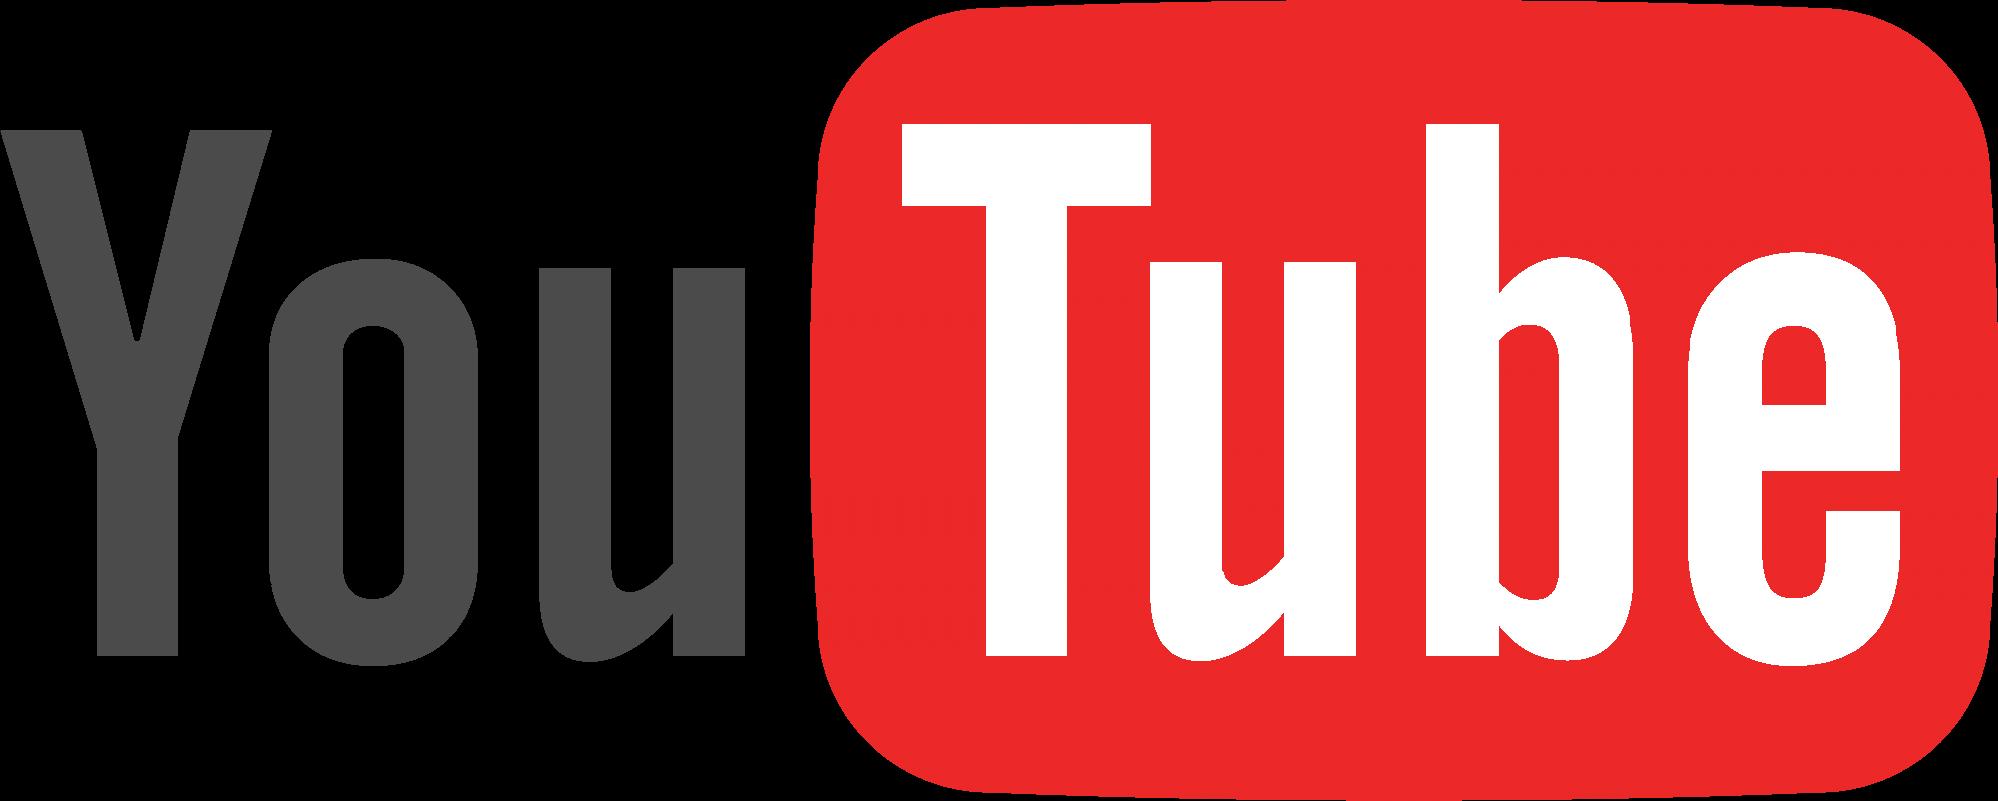 Resultado de imagem para youtube png